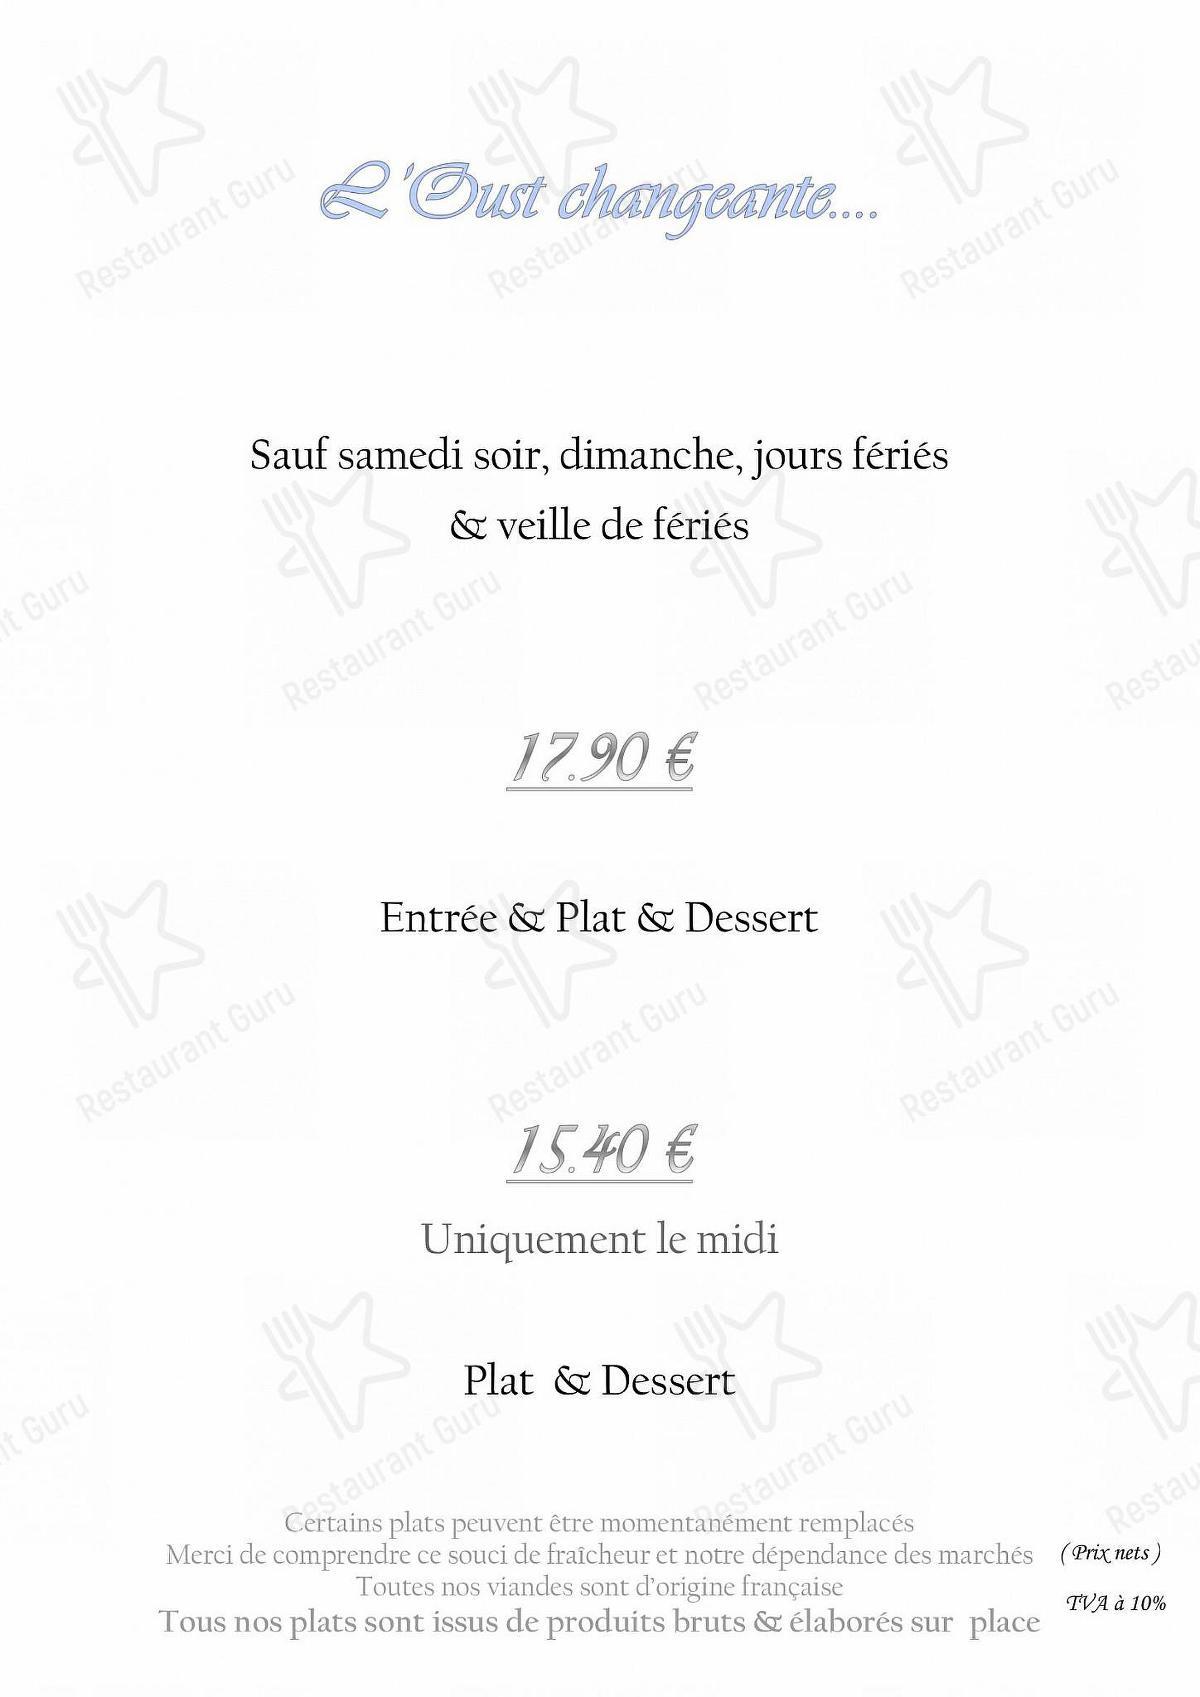 Меню для посетителей ресторана L'Eau d'Oust